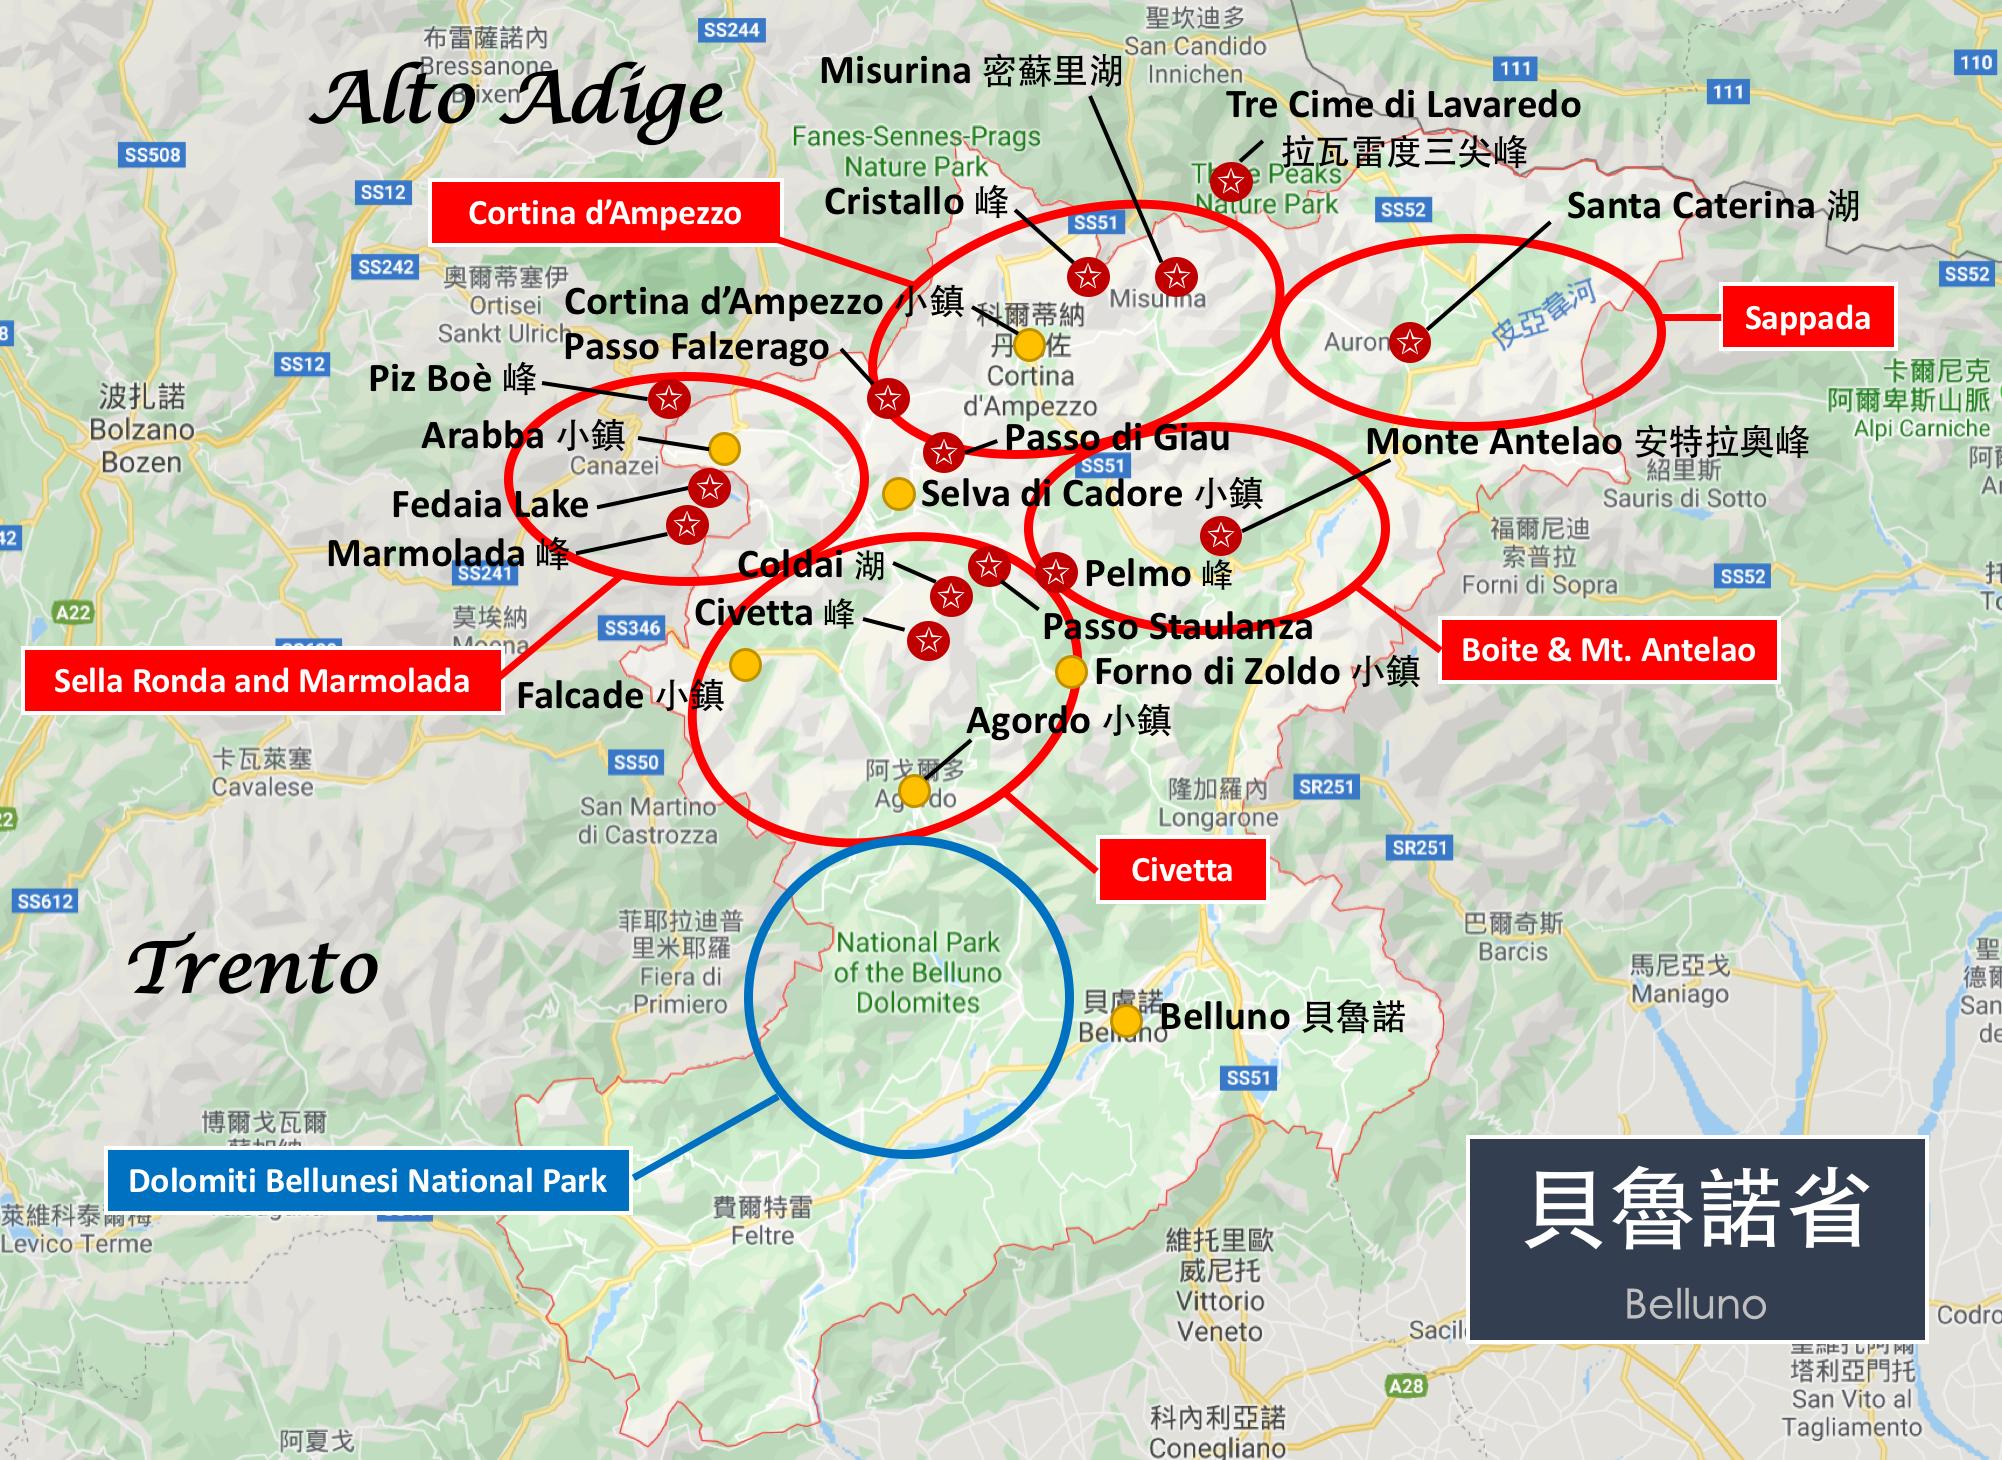 【義大利】健行在阿爾卑斯的絕美秘境:多洛米提山脈 (The Dolomites) 行程規劃全攻略 25